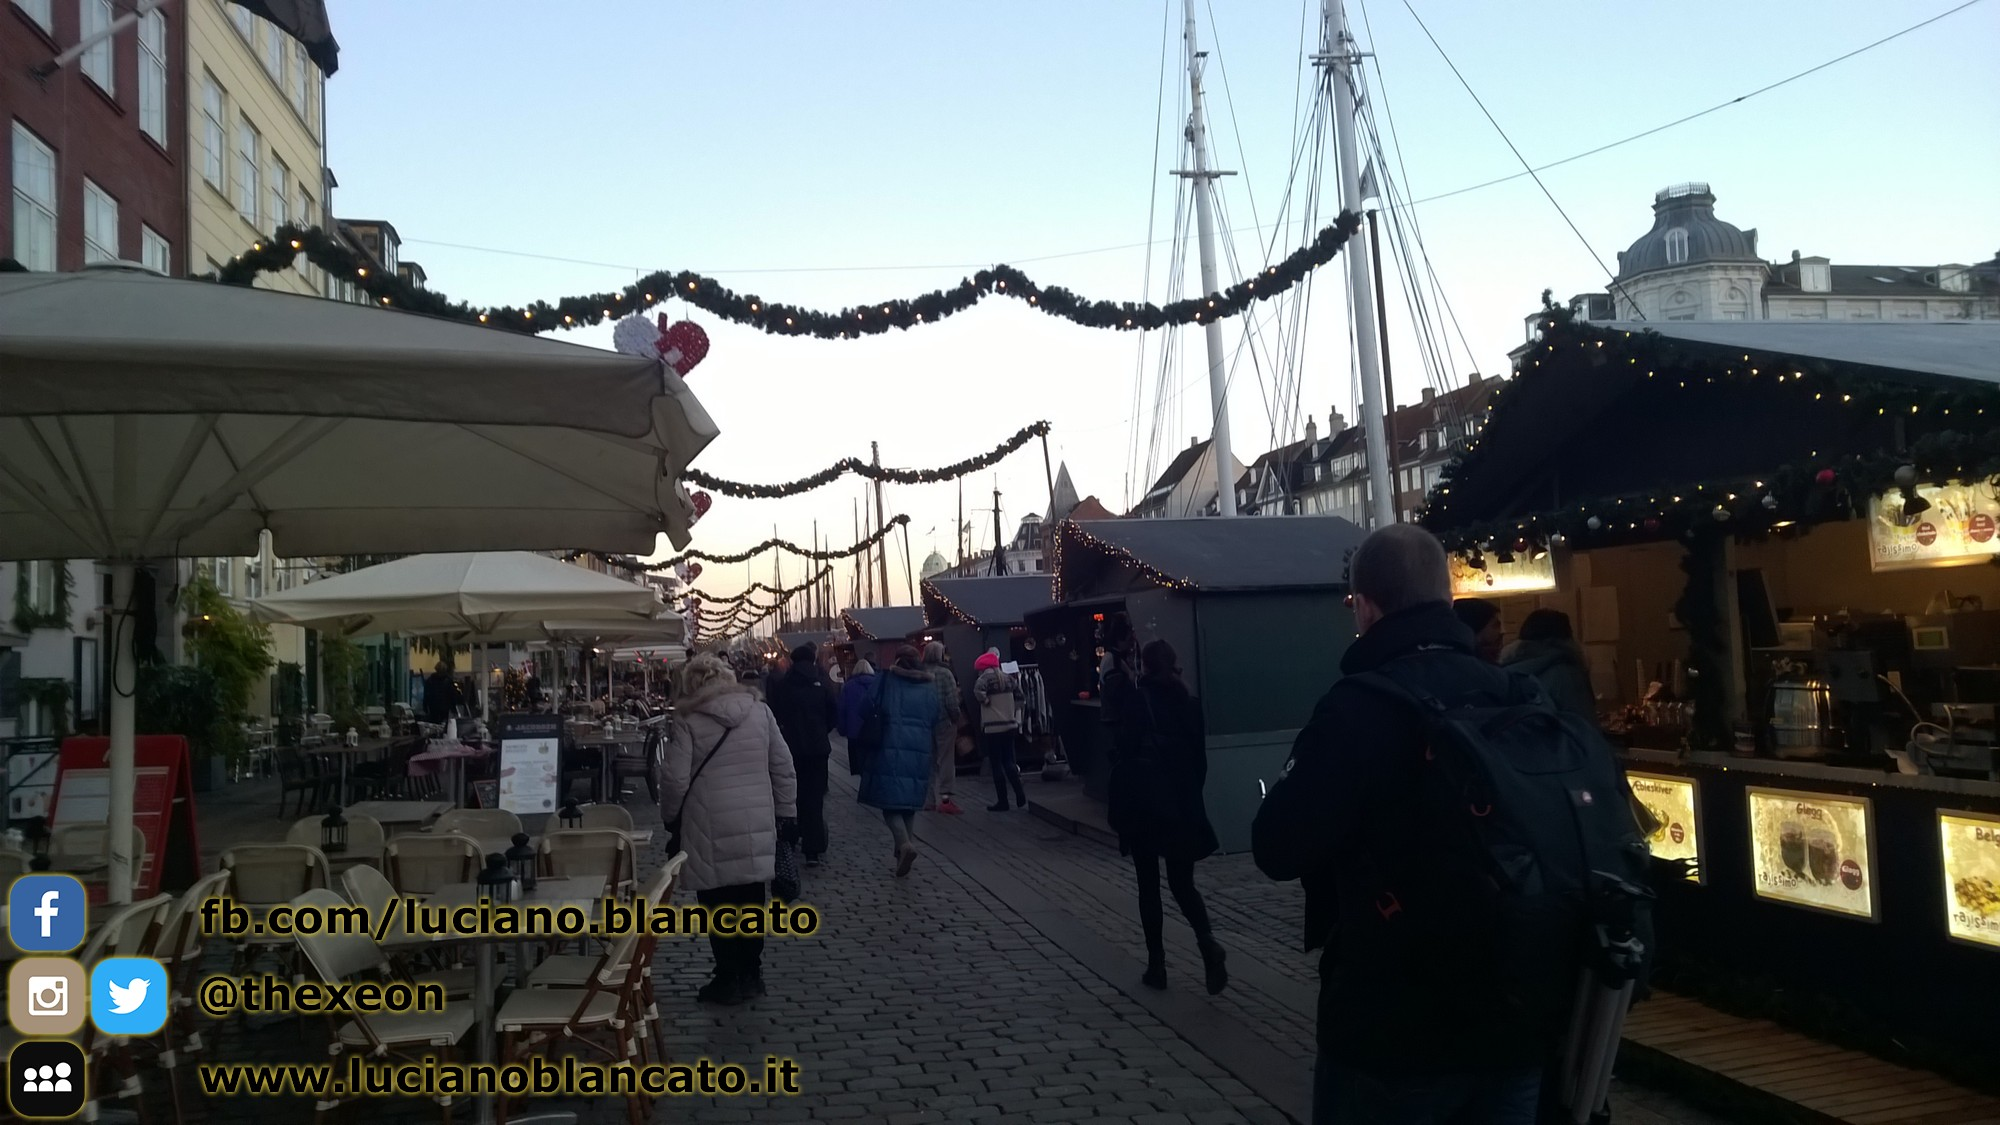 Mercatino di Natale lungo i canali a Copenaghen - Danimarca